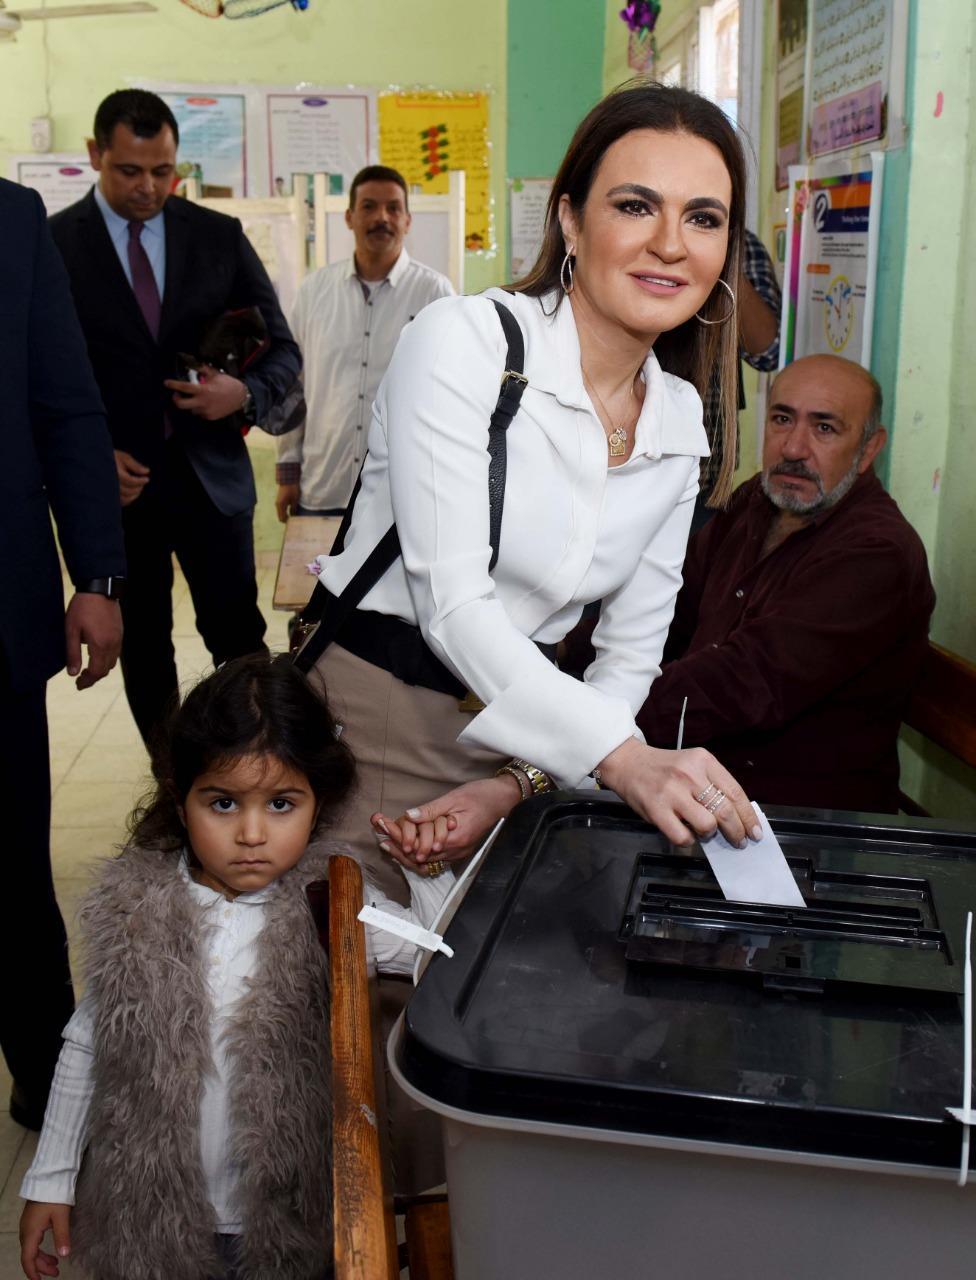 وزيرة الاستثمار والتعاون الدولى تدلى بصوتها فى الاستفتاء على التعديلات الدستورية بمصر الجديدة